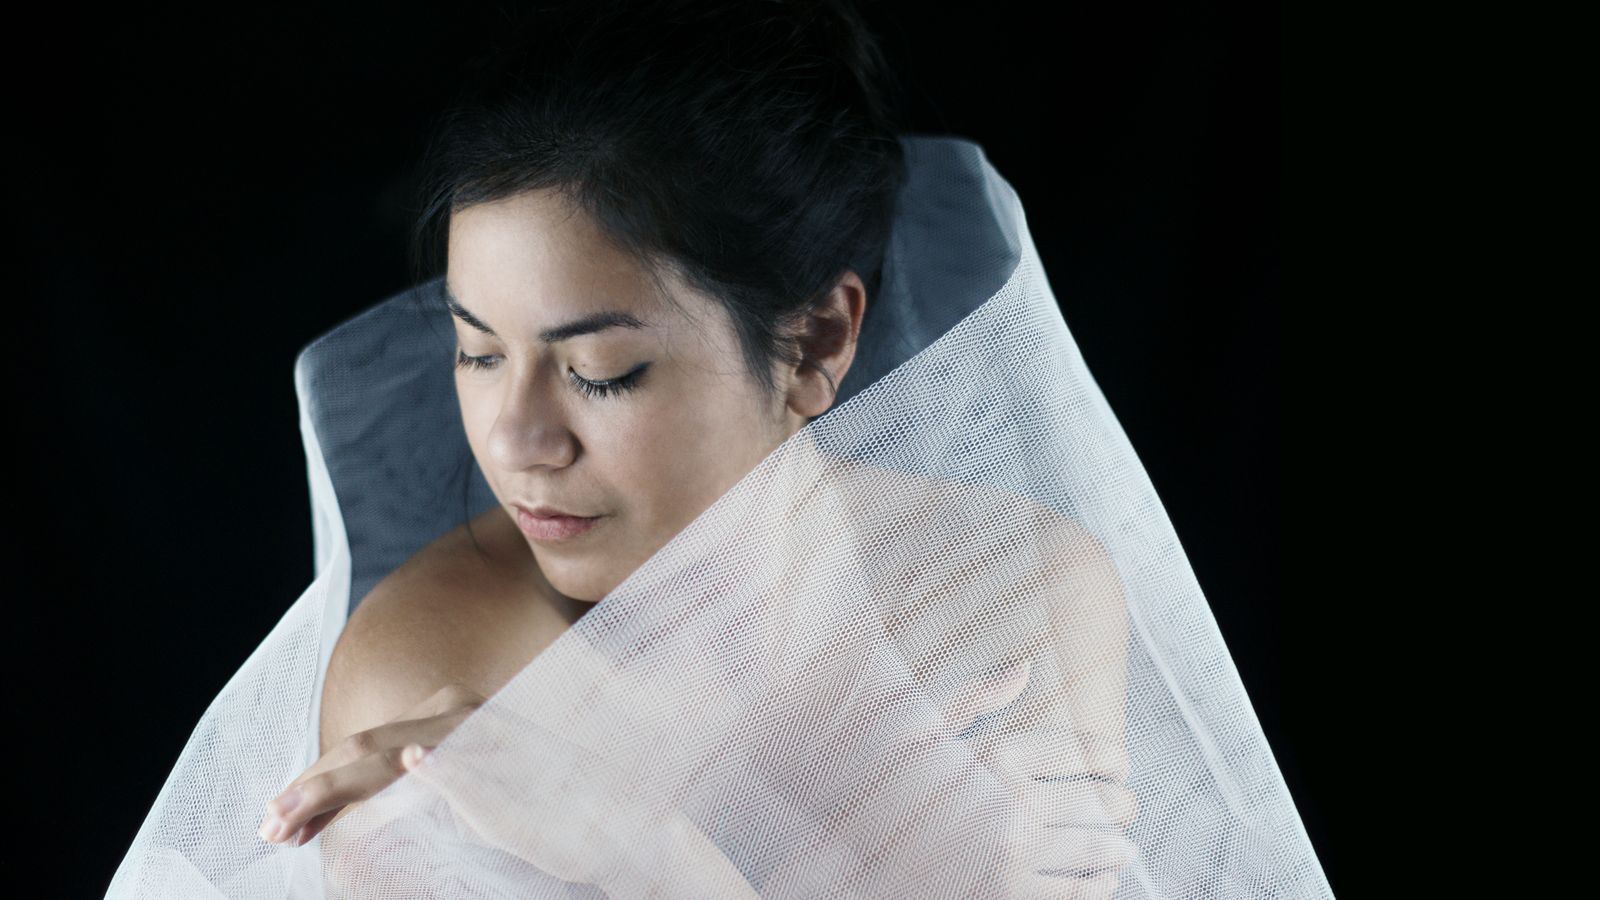 Le visage d'Ana émerge, tel un papillon, d'un cocon de tulle blanc. Alors, ses doigts viennent, délicatement séparer les membranes de l'enveloppe pour qu'elle puisse prendre son envol.